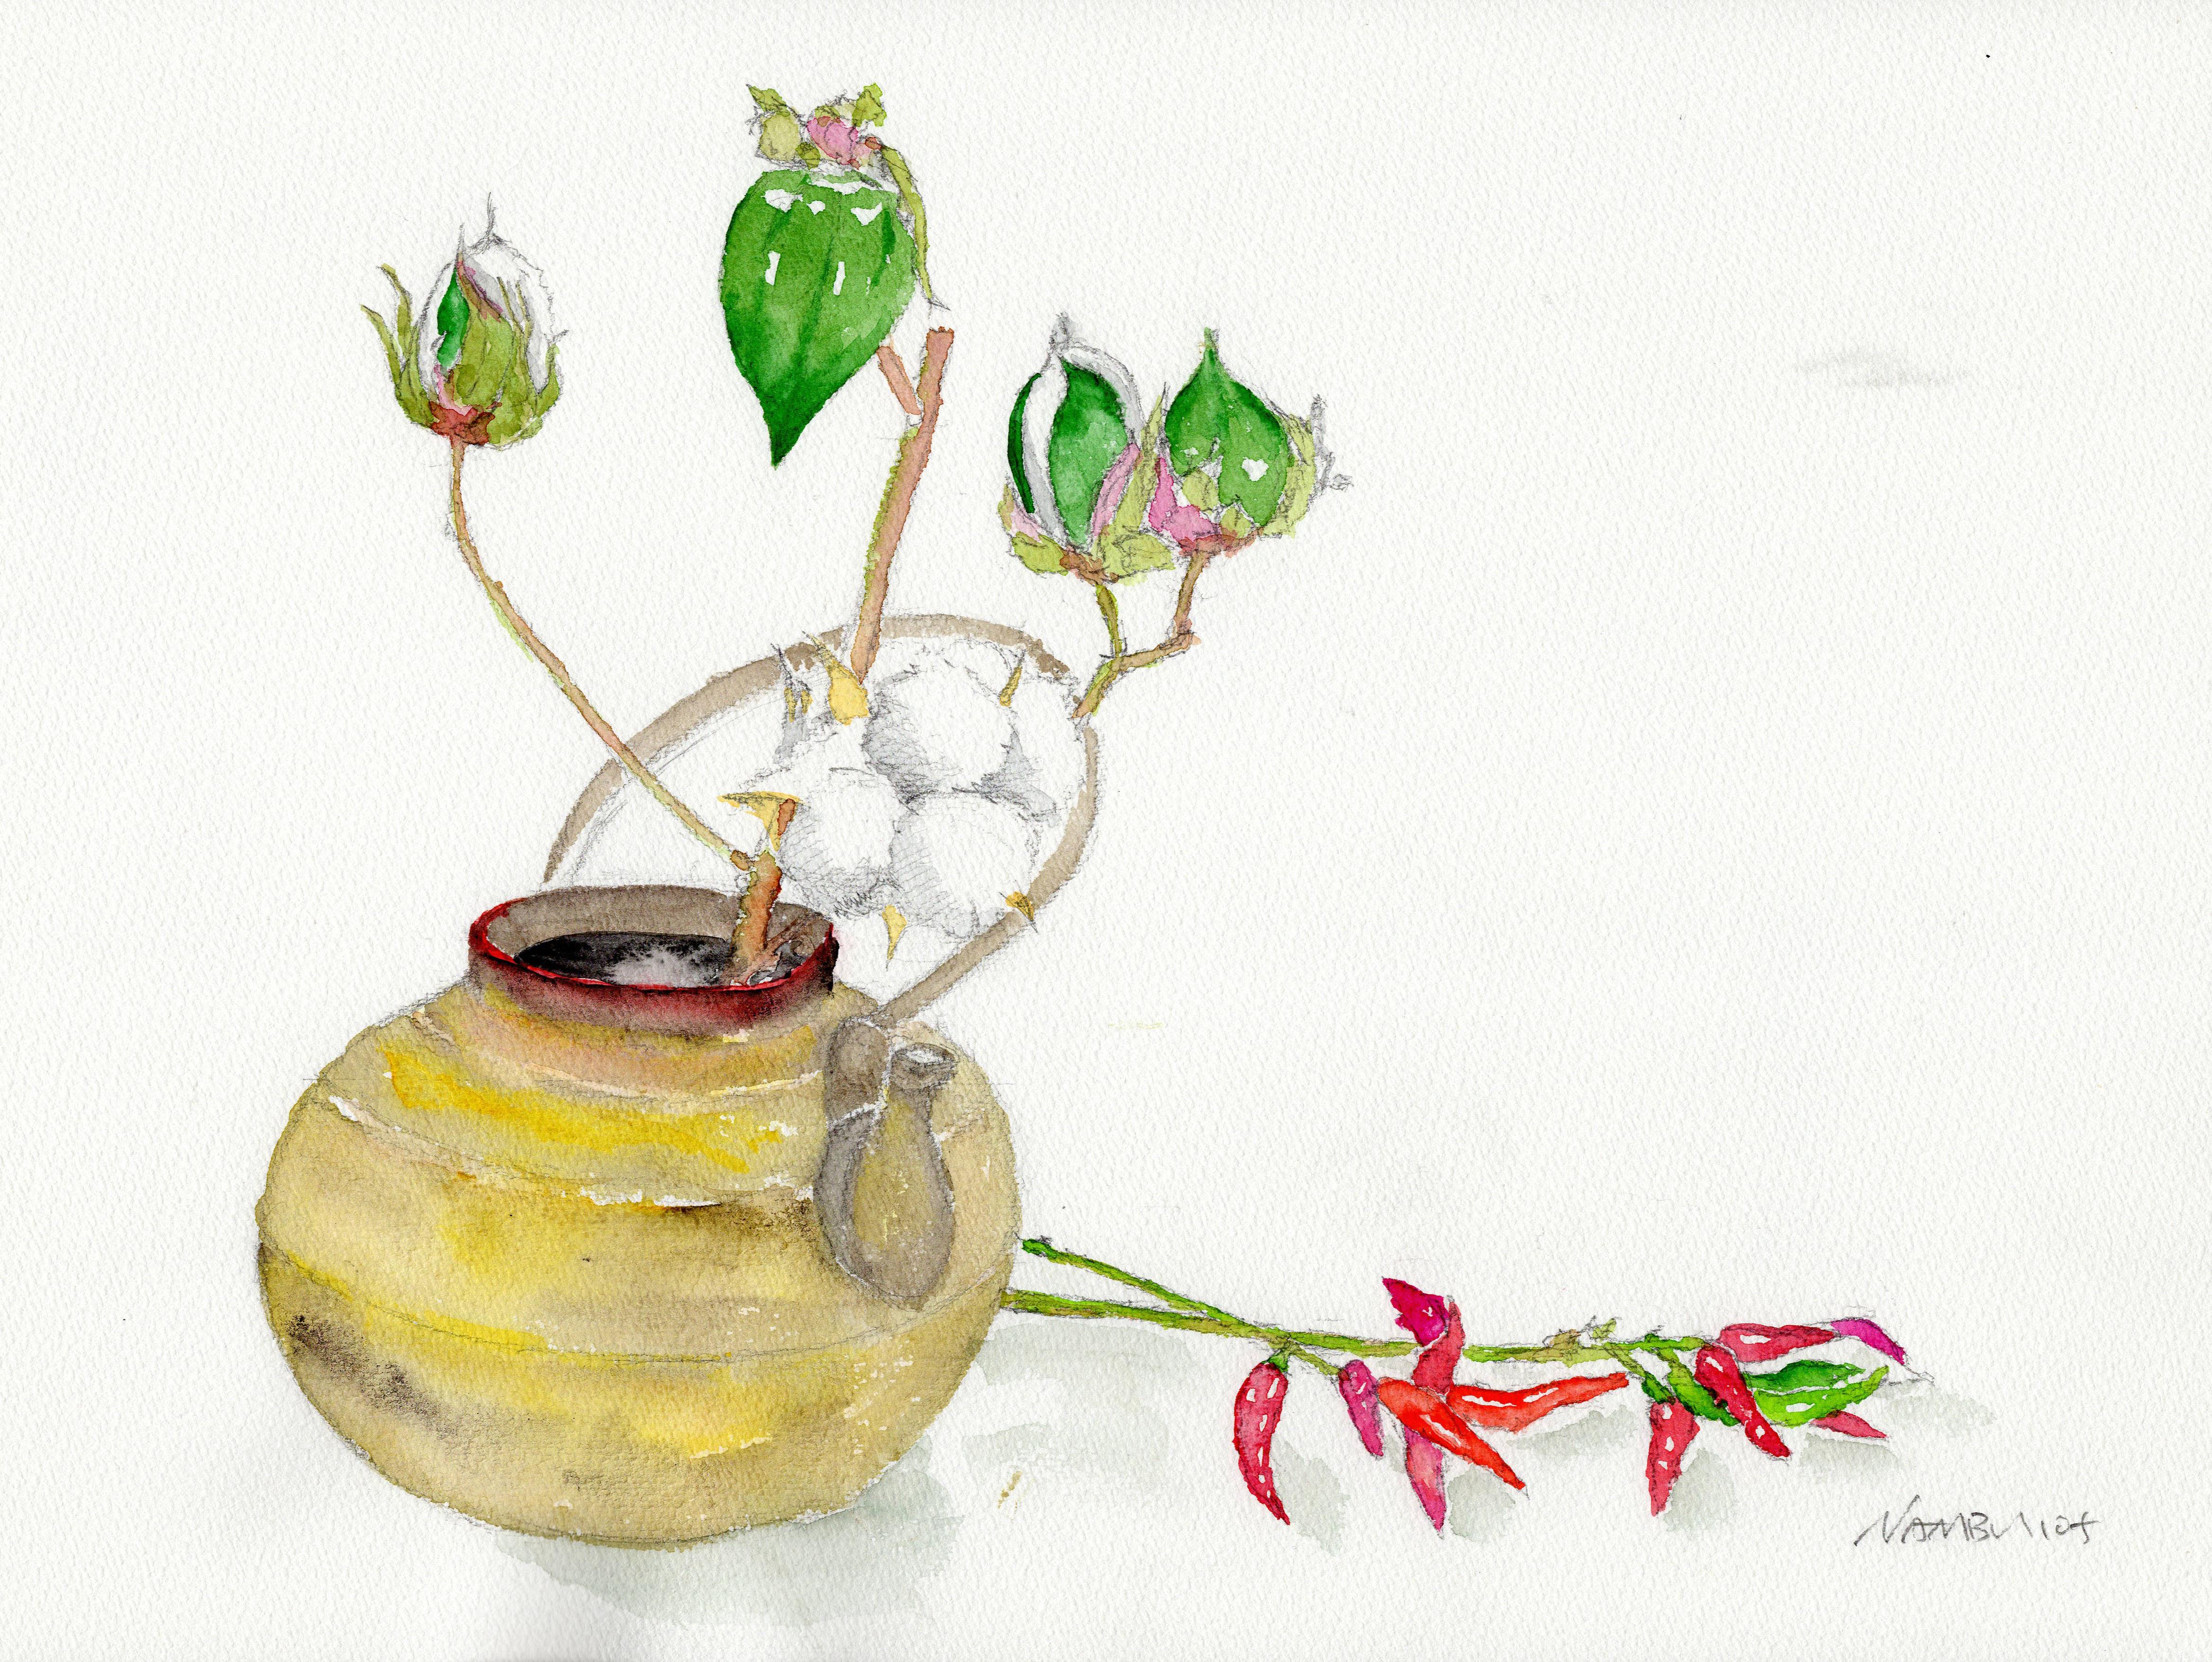 綿の花と土瓶